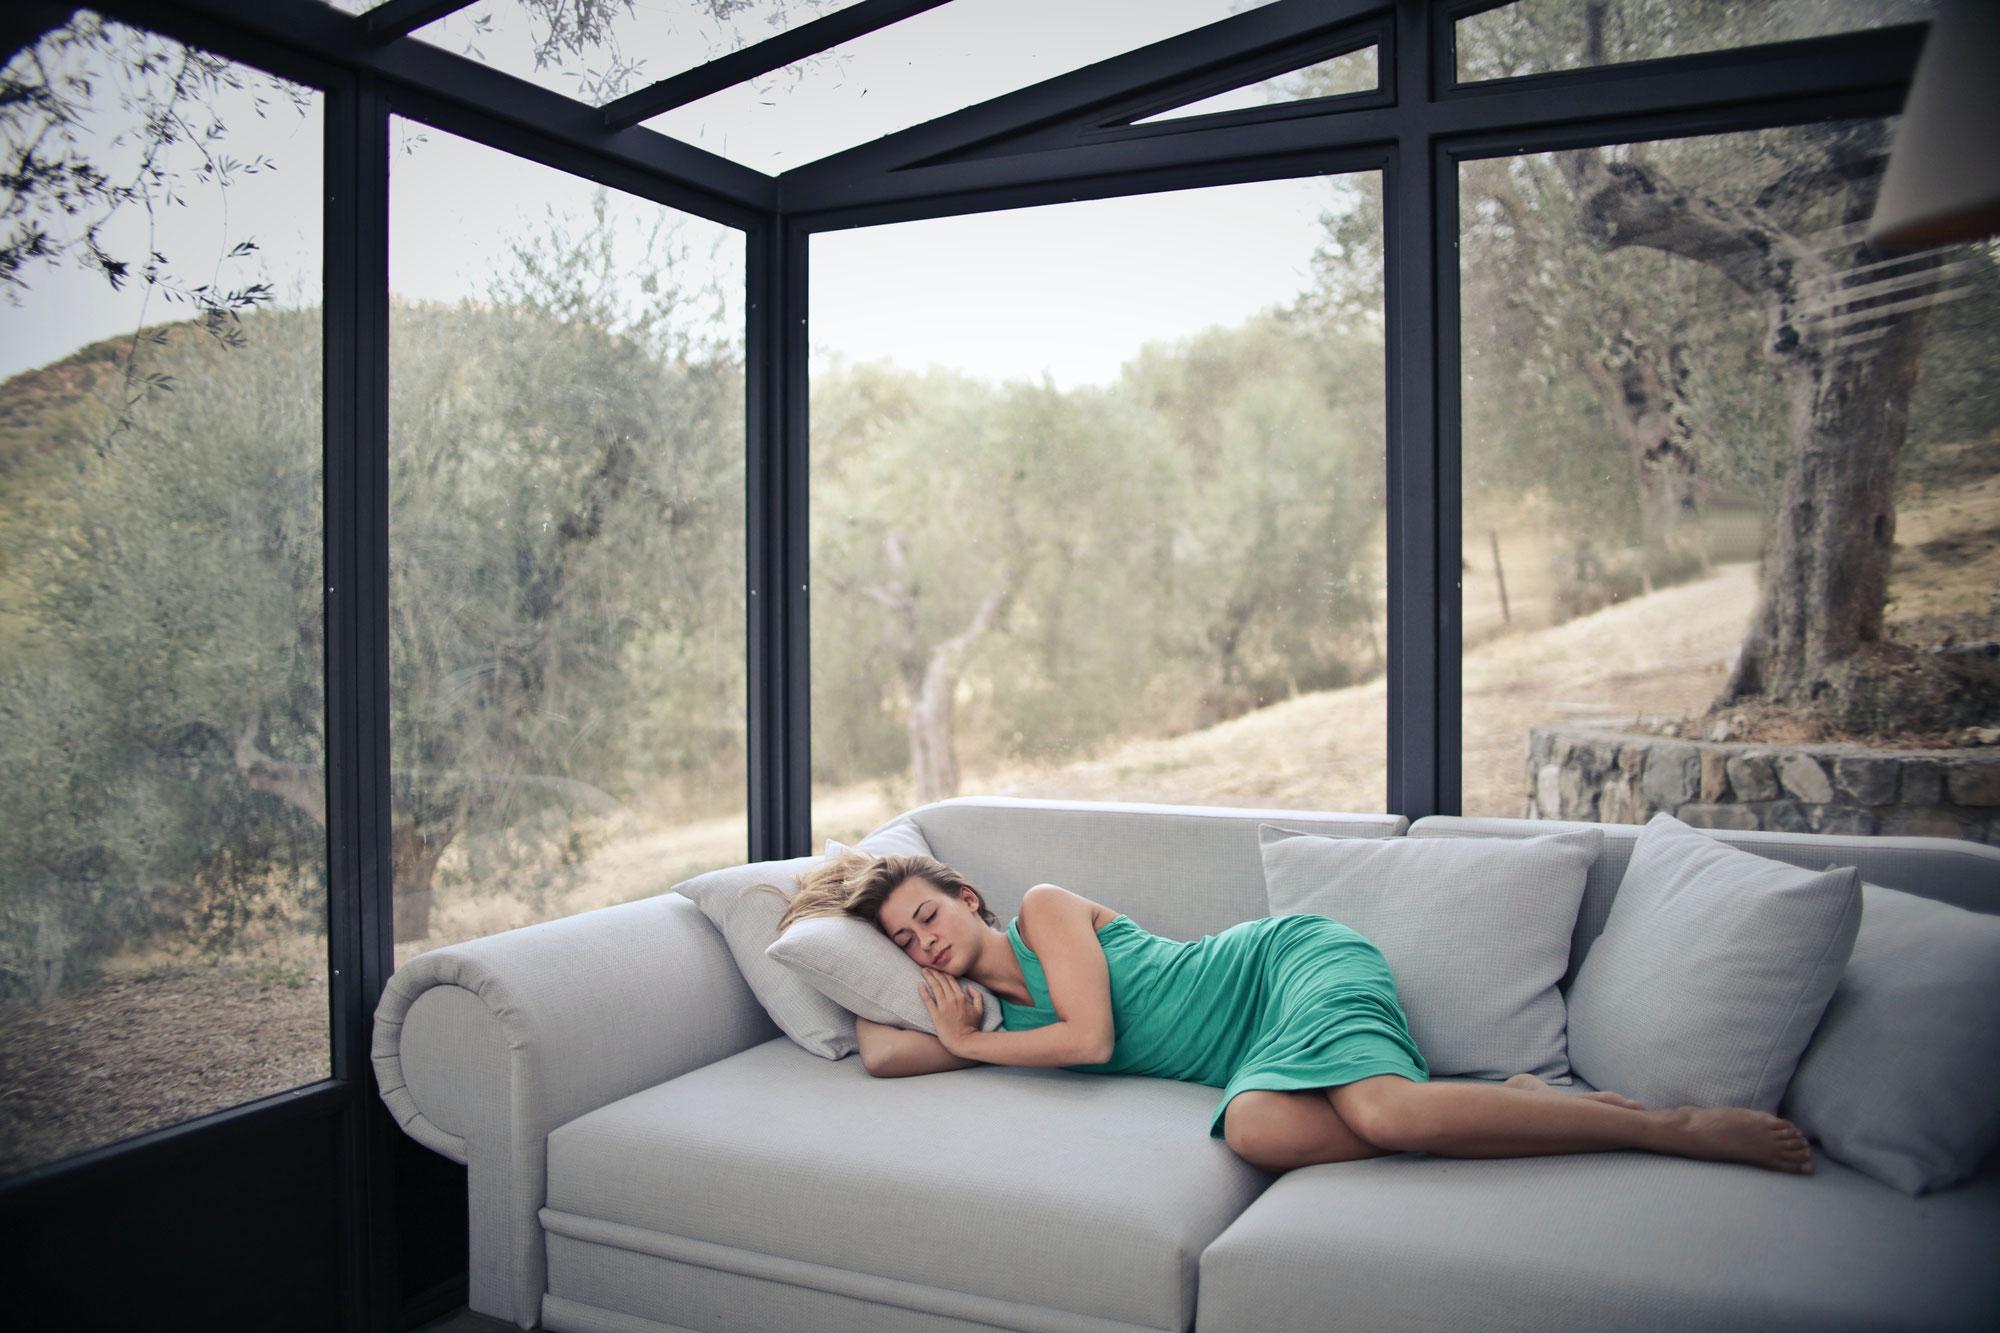 Perché una poltrona elettrica o reclinabile può migliorare la qualità del sonno?